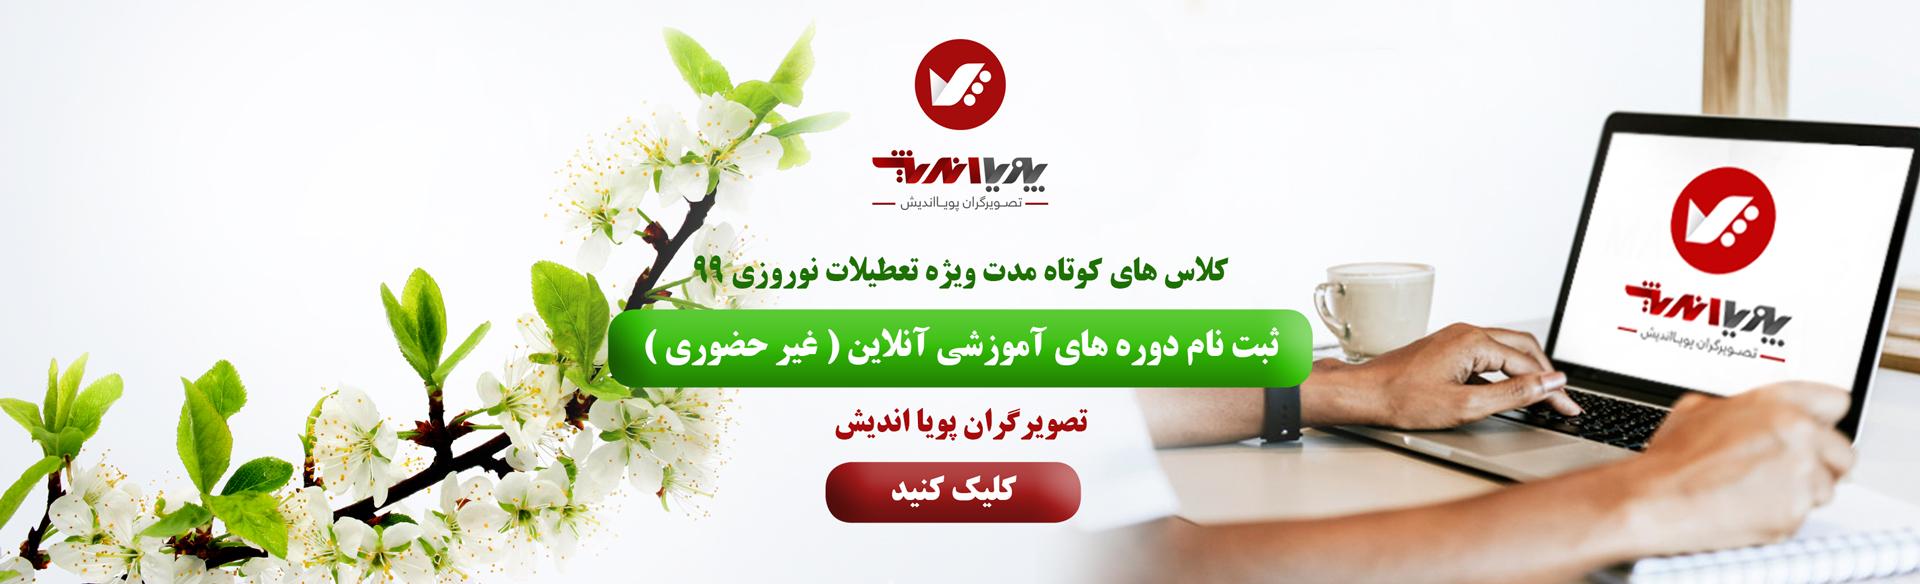 norooz - آموزش